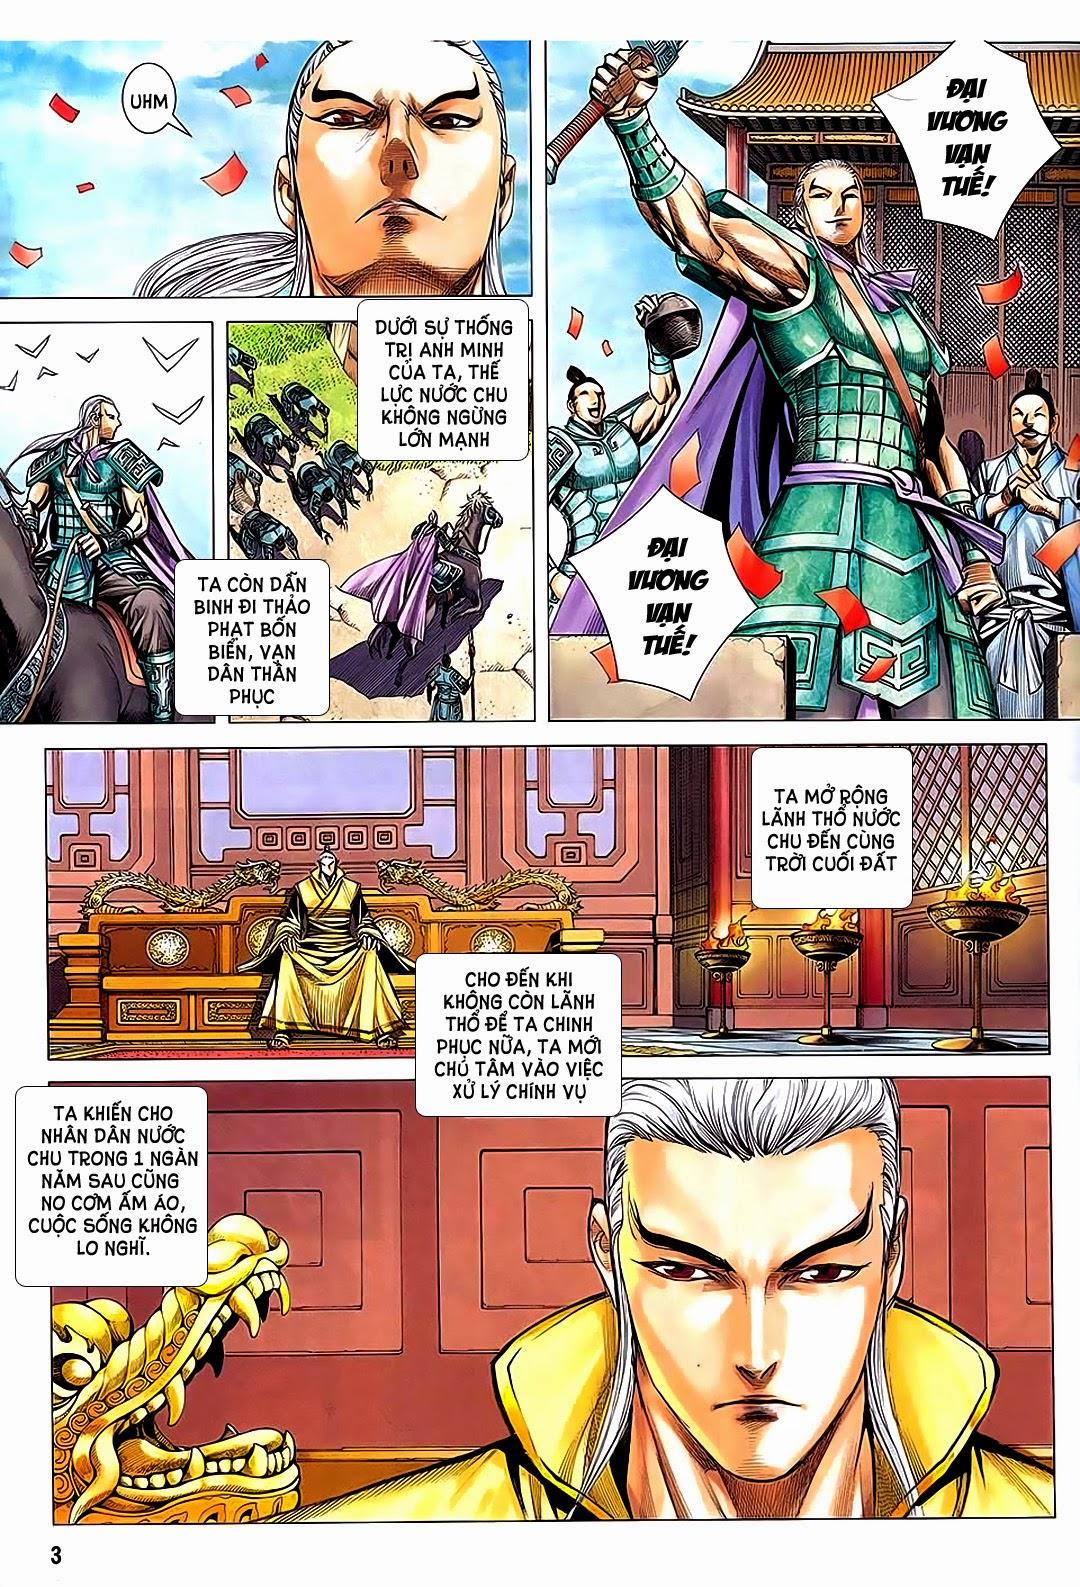 Phong Thần Ký chap 182 – End Trang 3 - Mangak.info